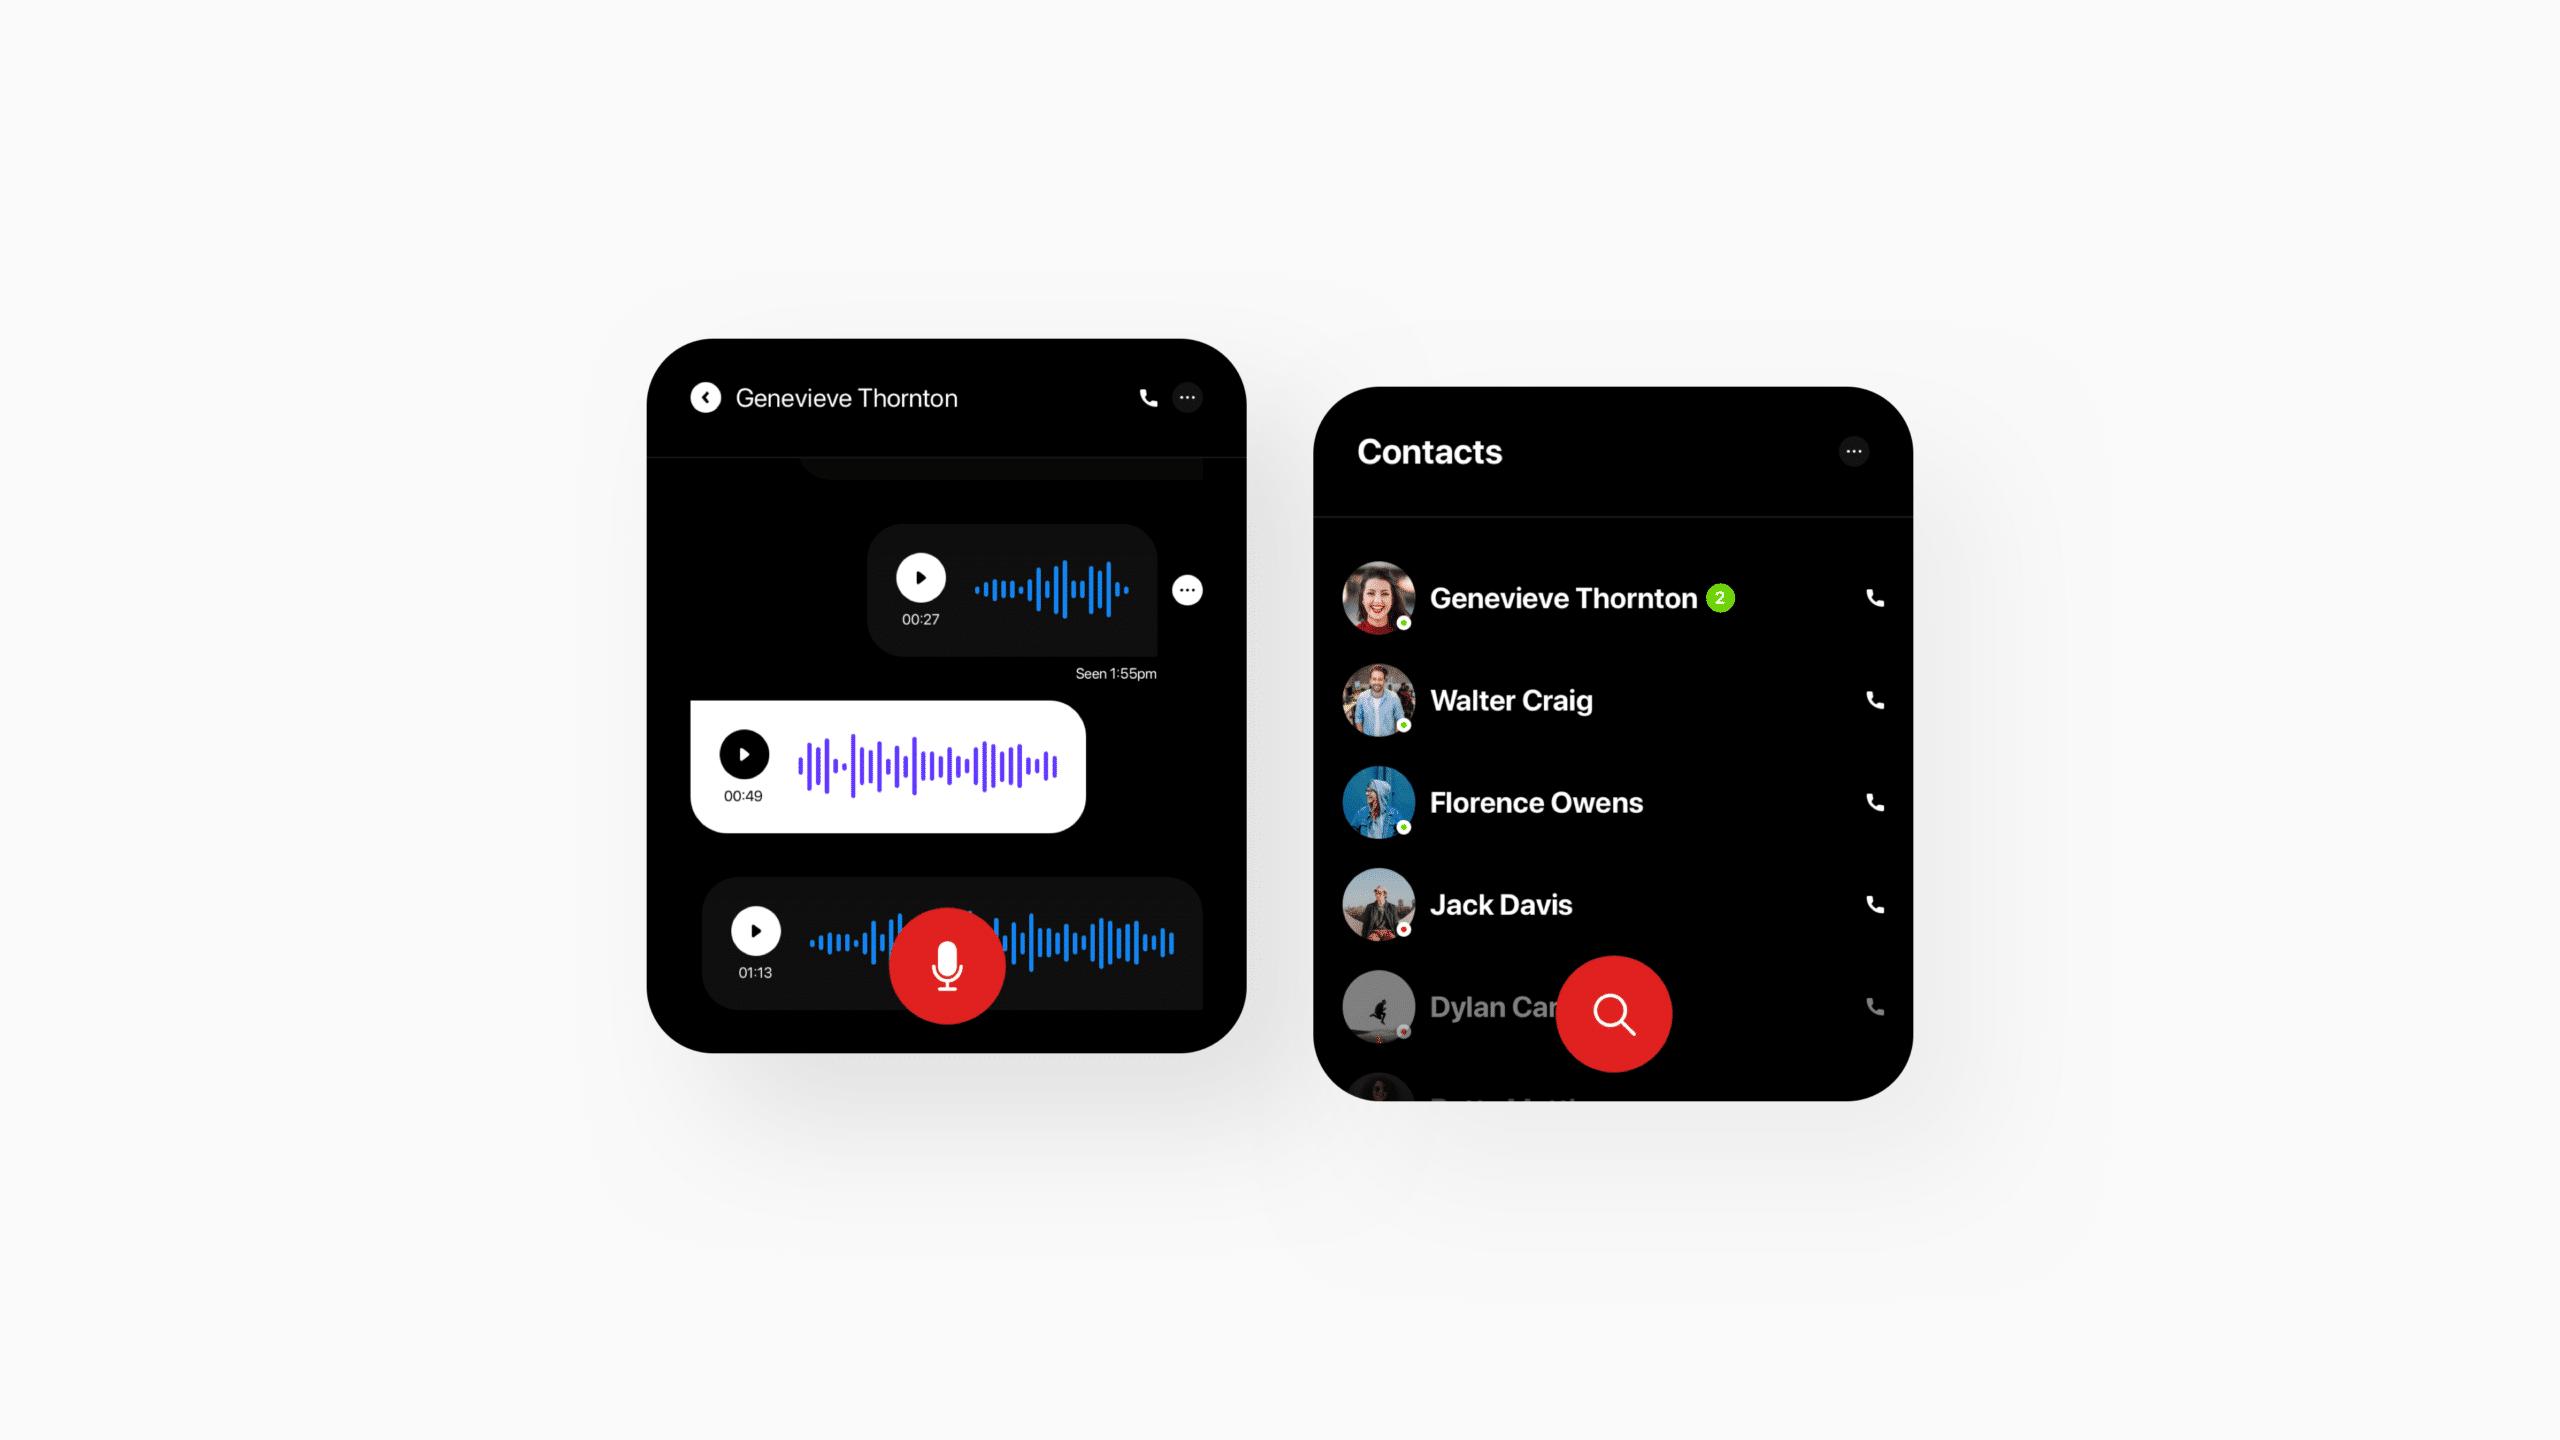 Conceito de chat por voz no Apple Watch